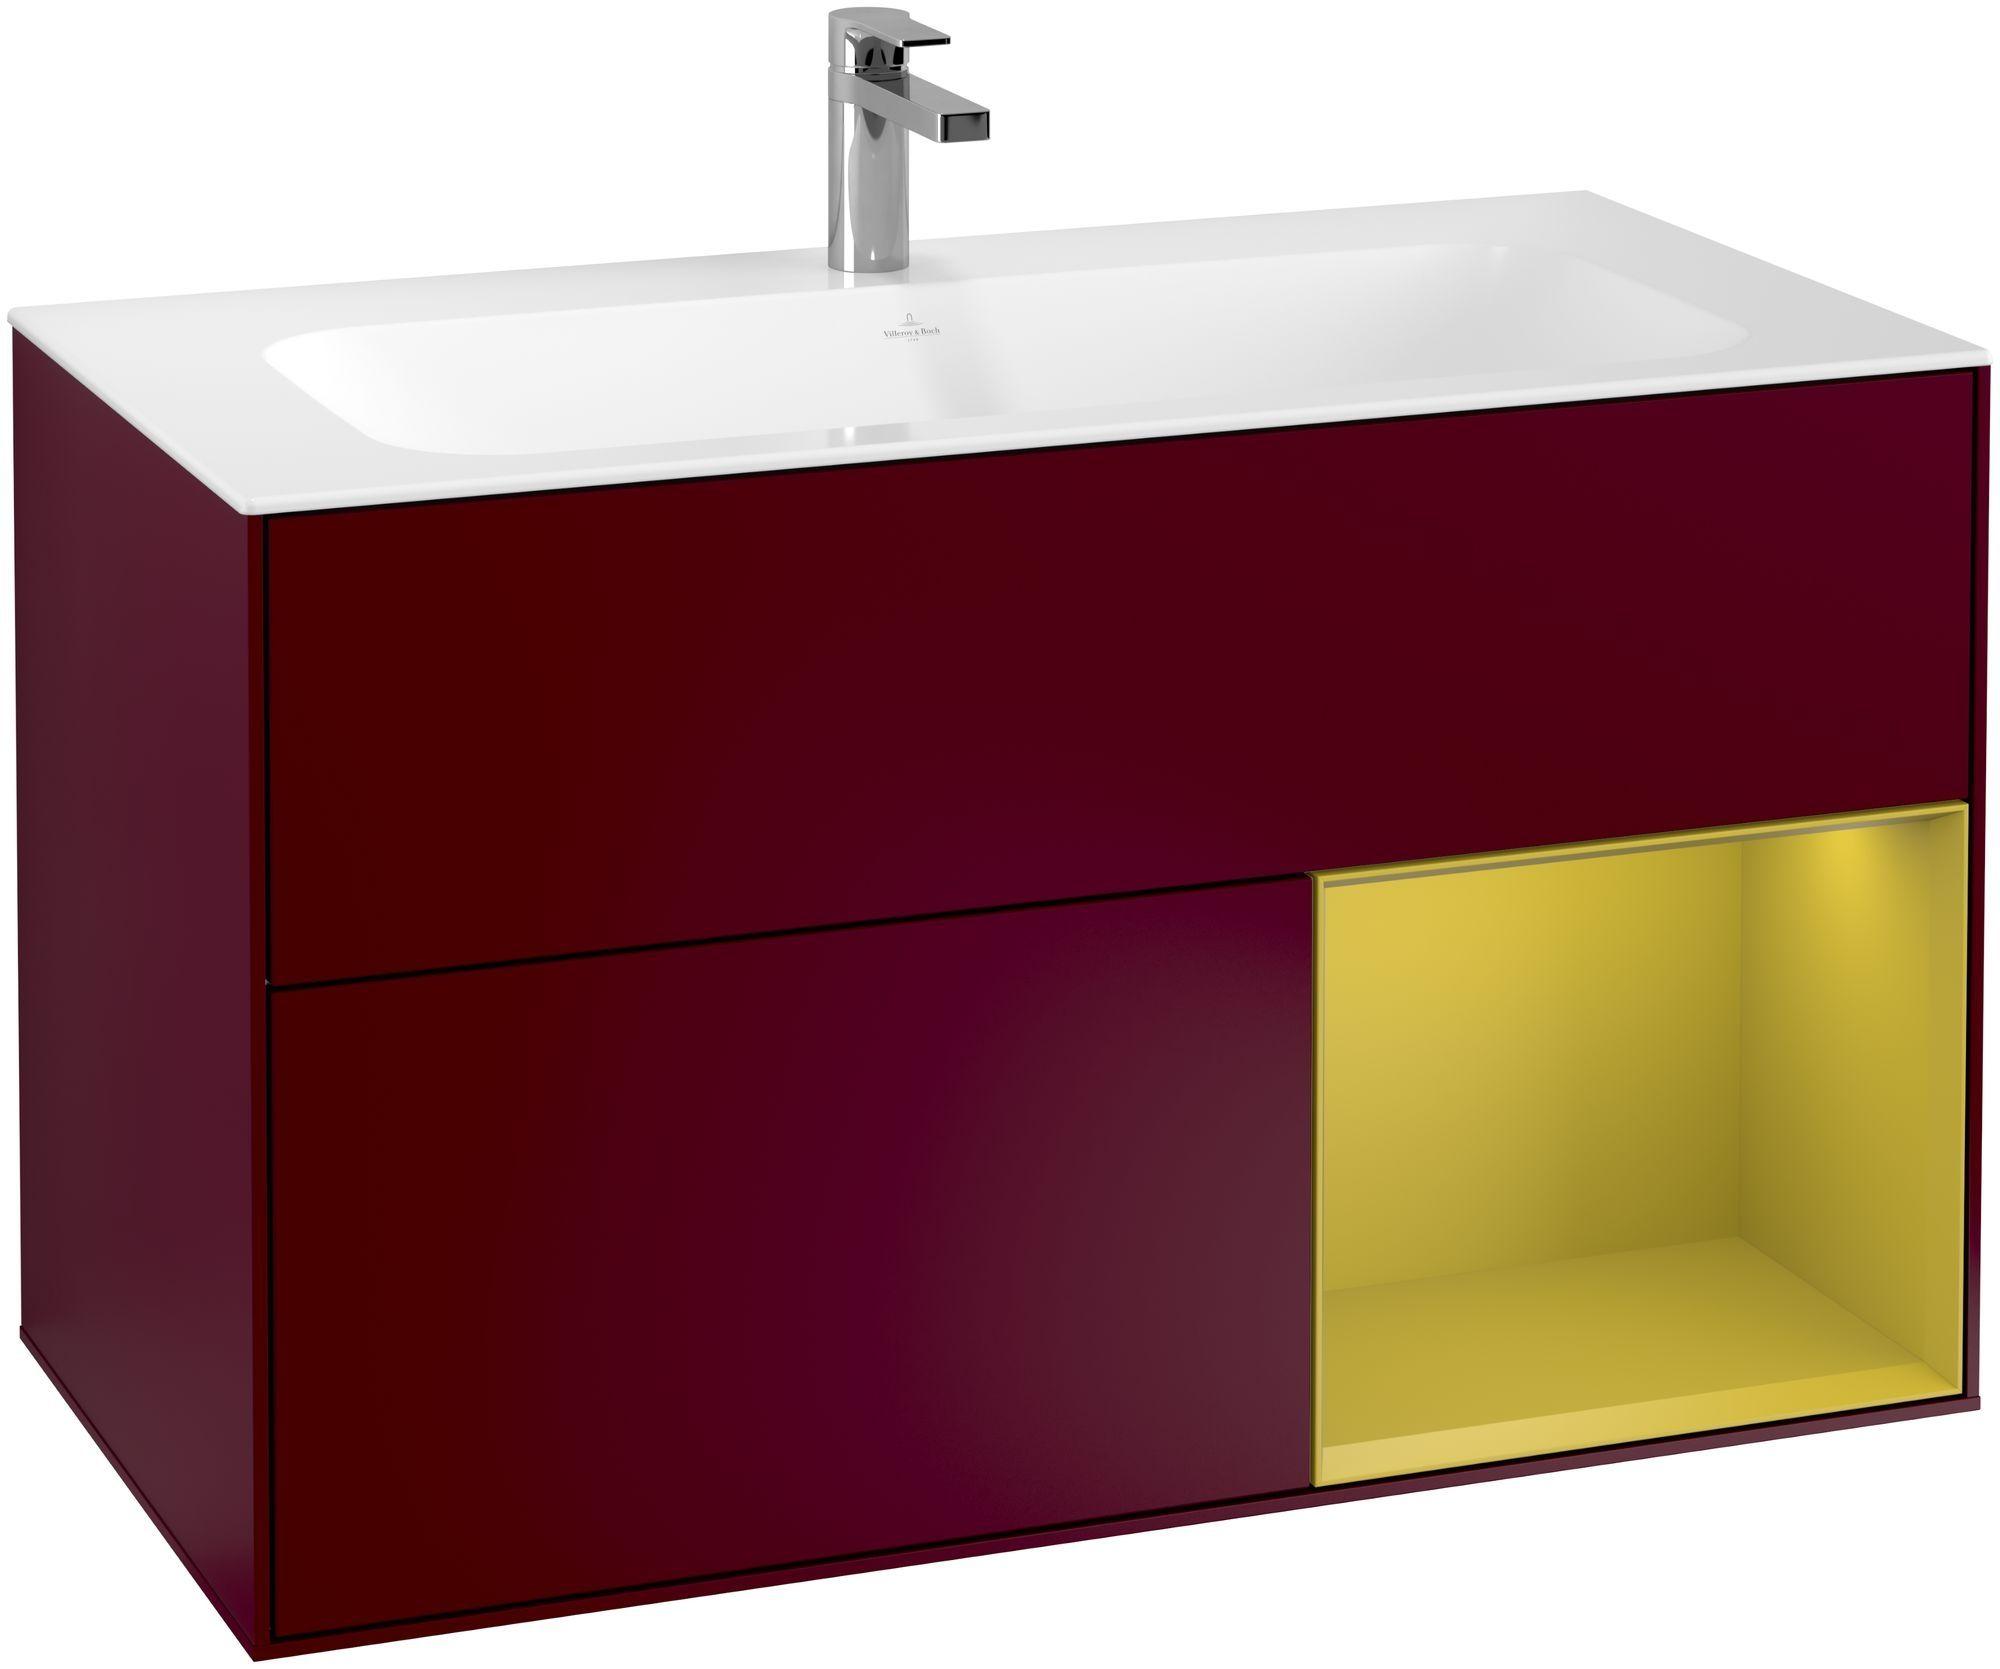 Villeroy & Boch Finion F04 Waschtischunterschrank mit Regalelement 2 Auszüge LED-Beleuchtung B:99,6xH:59,1xT:49,8cm Front, Korpus: Peony, Regal: Sun F040HEHB